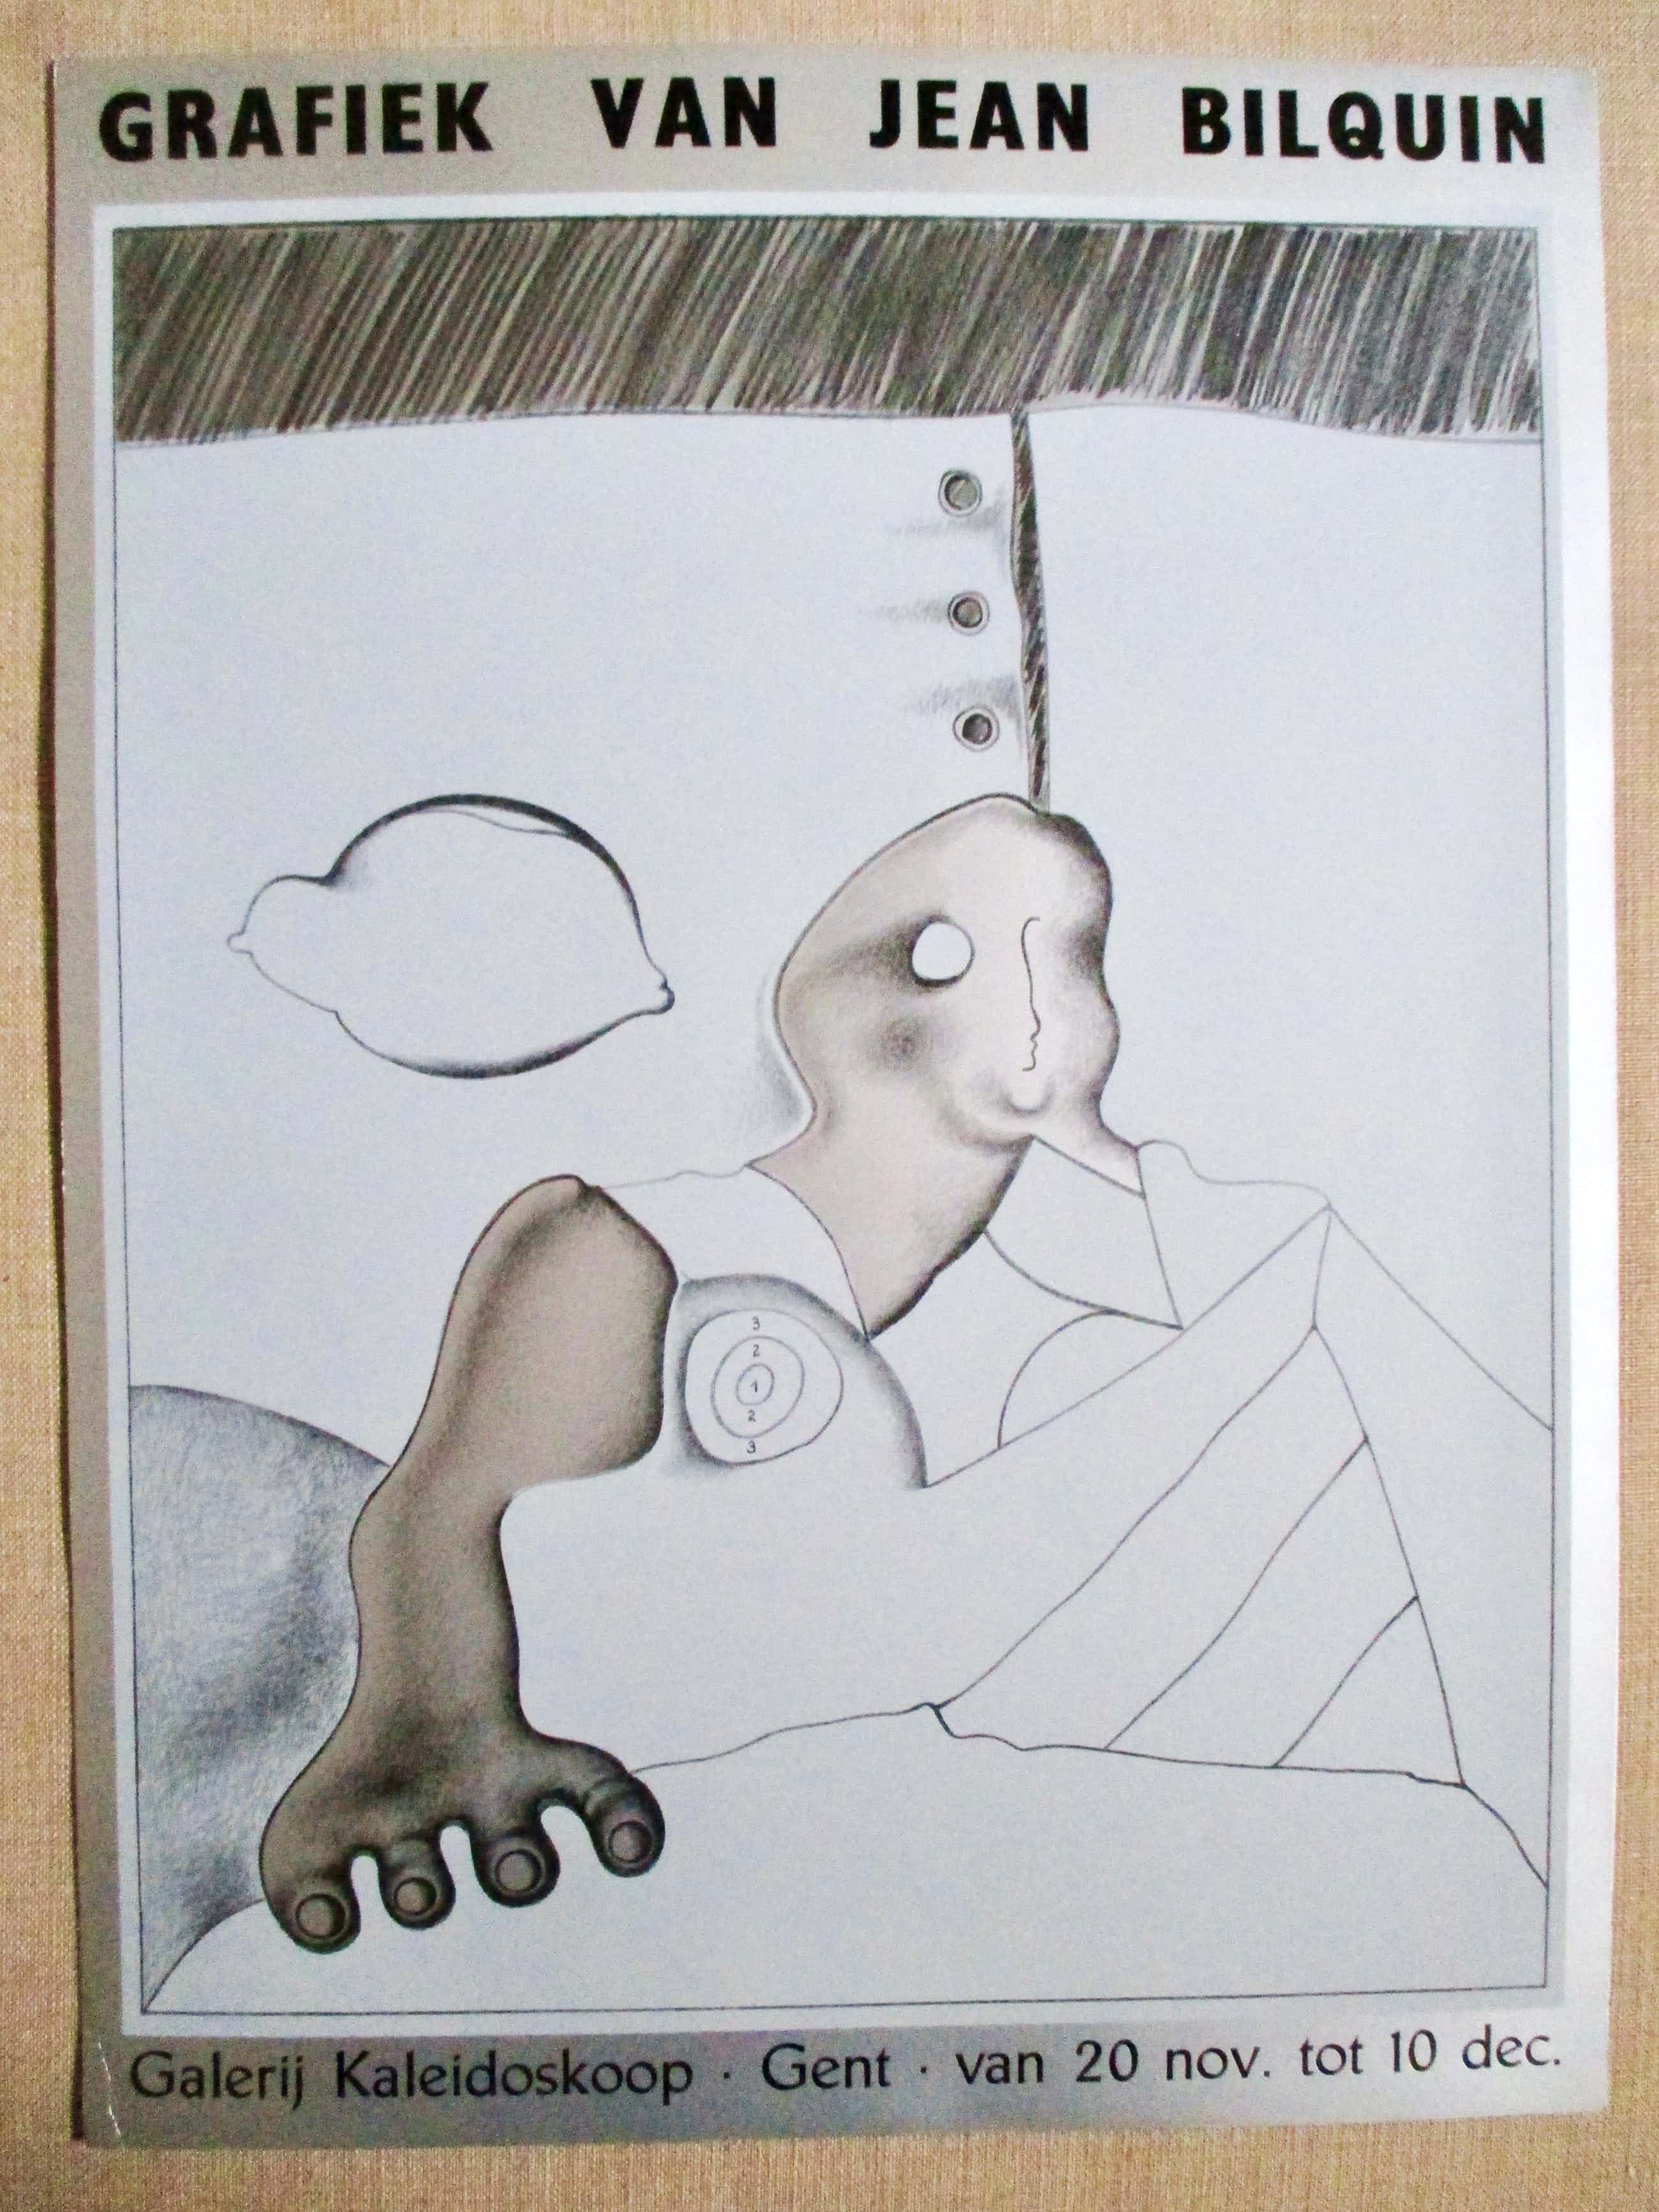 Jean Bilquin - Gesigneerde Offsetdruk Galerij Kaleidoskoop kopen? Bied vanaf 25!